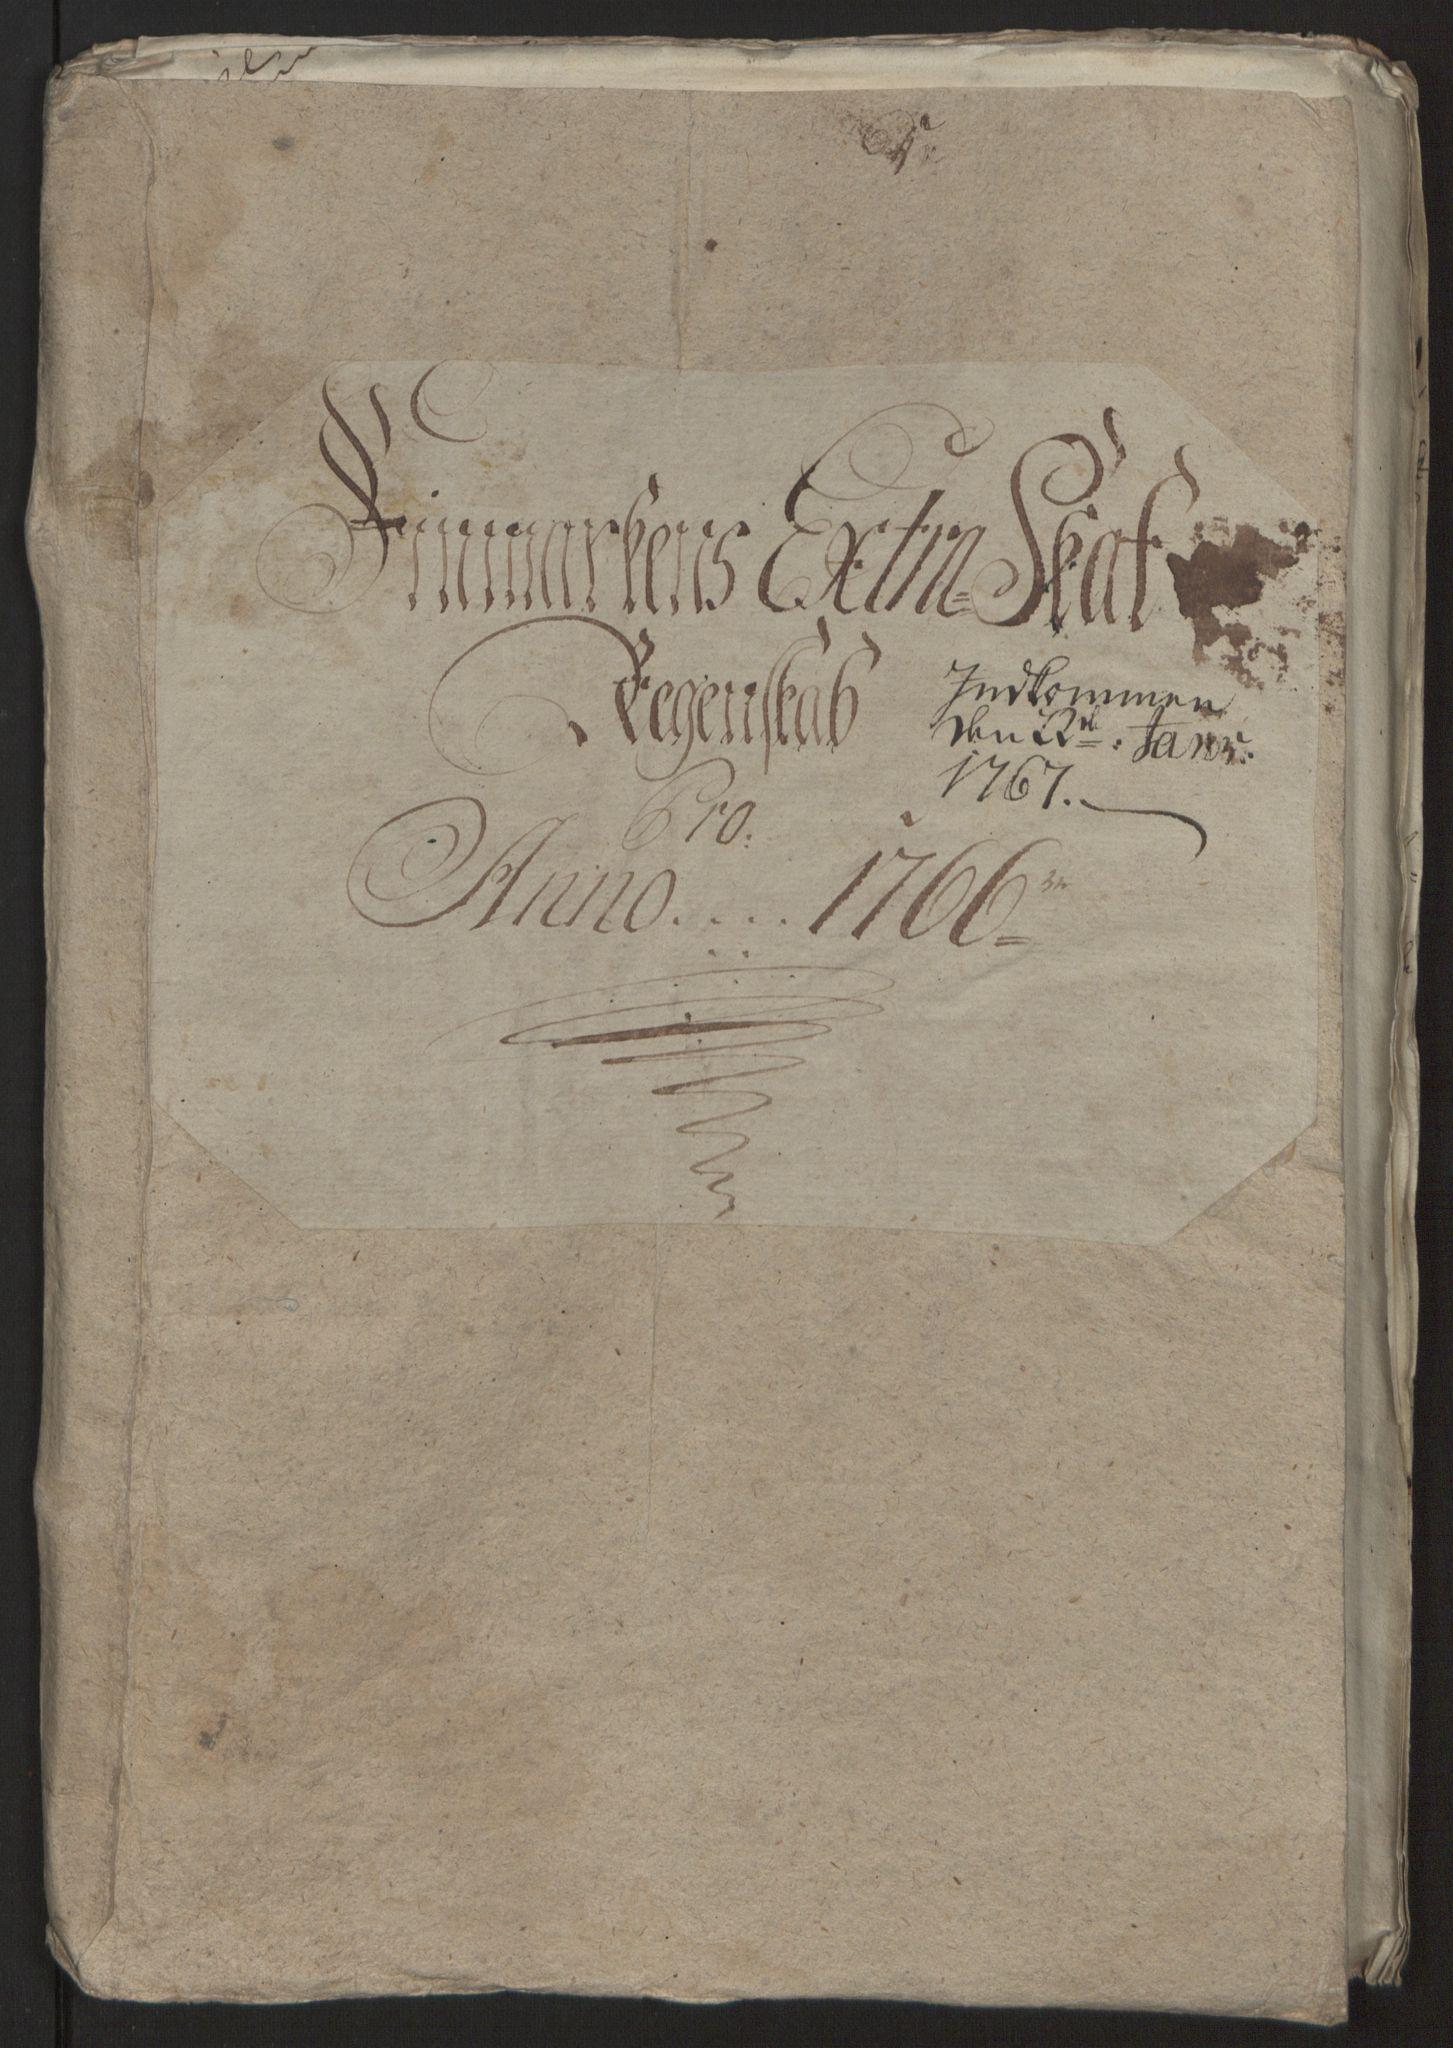 RA, Rentekammeret inntil 1814, Reviderte regnskaper, Fogderegnskap, R69/L4910: Ekstraskatten  Finnmark/Vardøhus, 1762-1772, s. 168